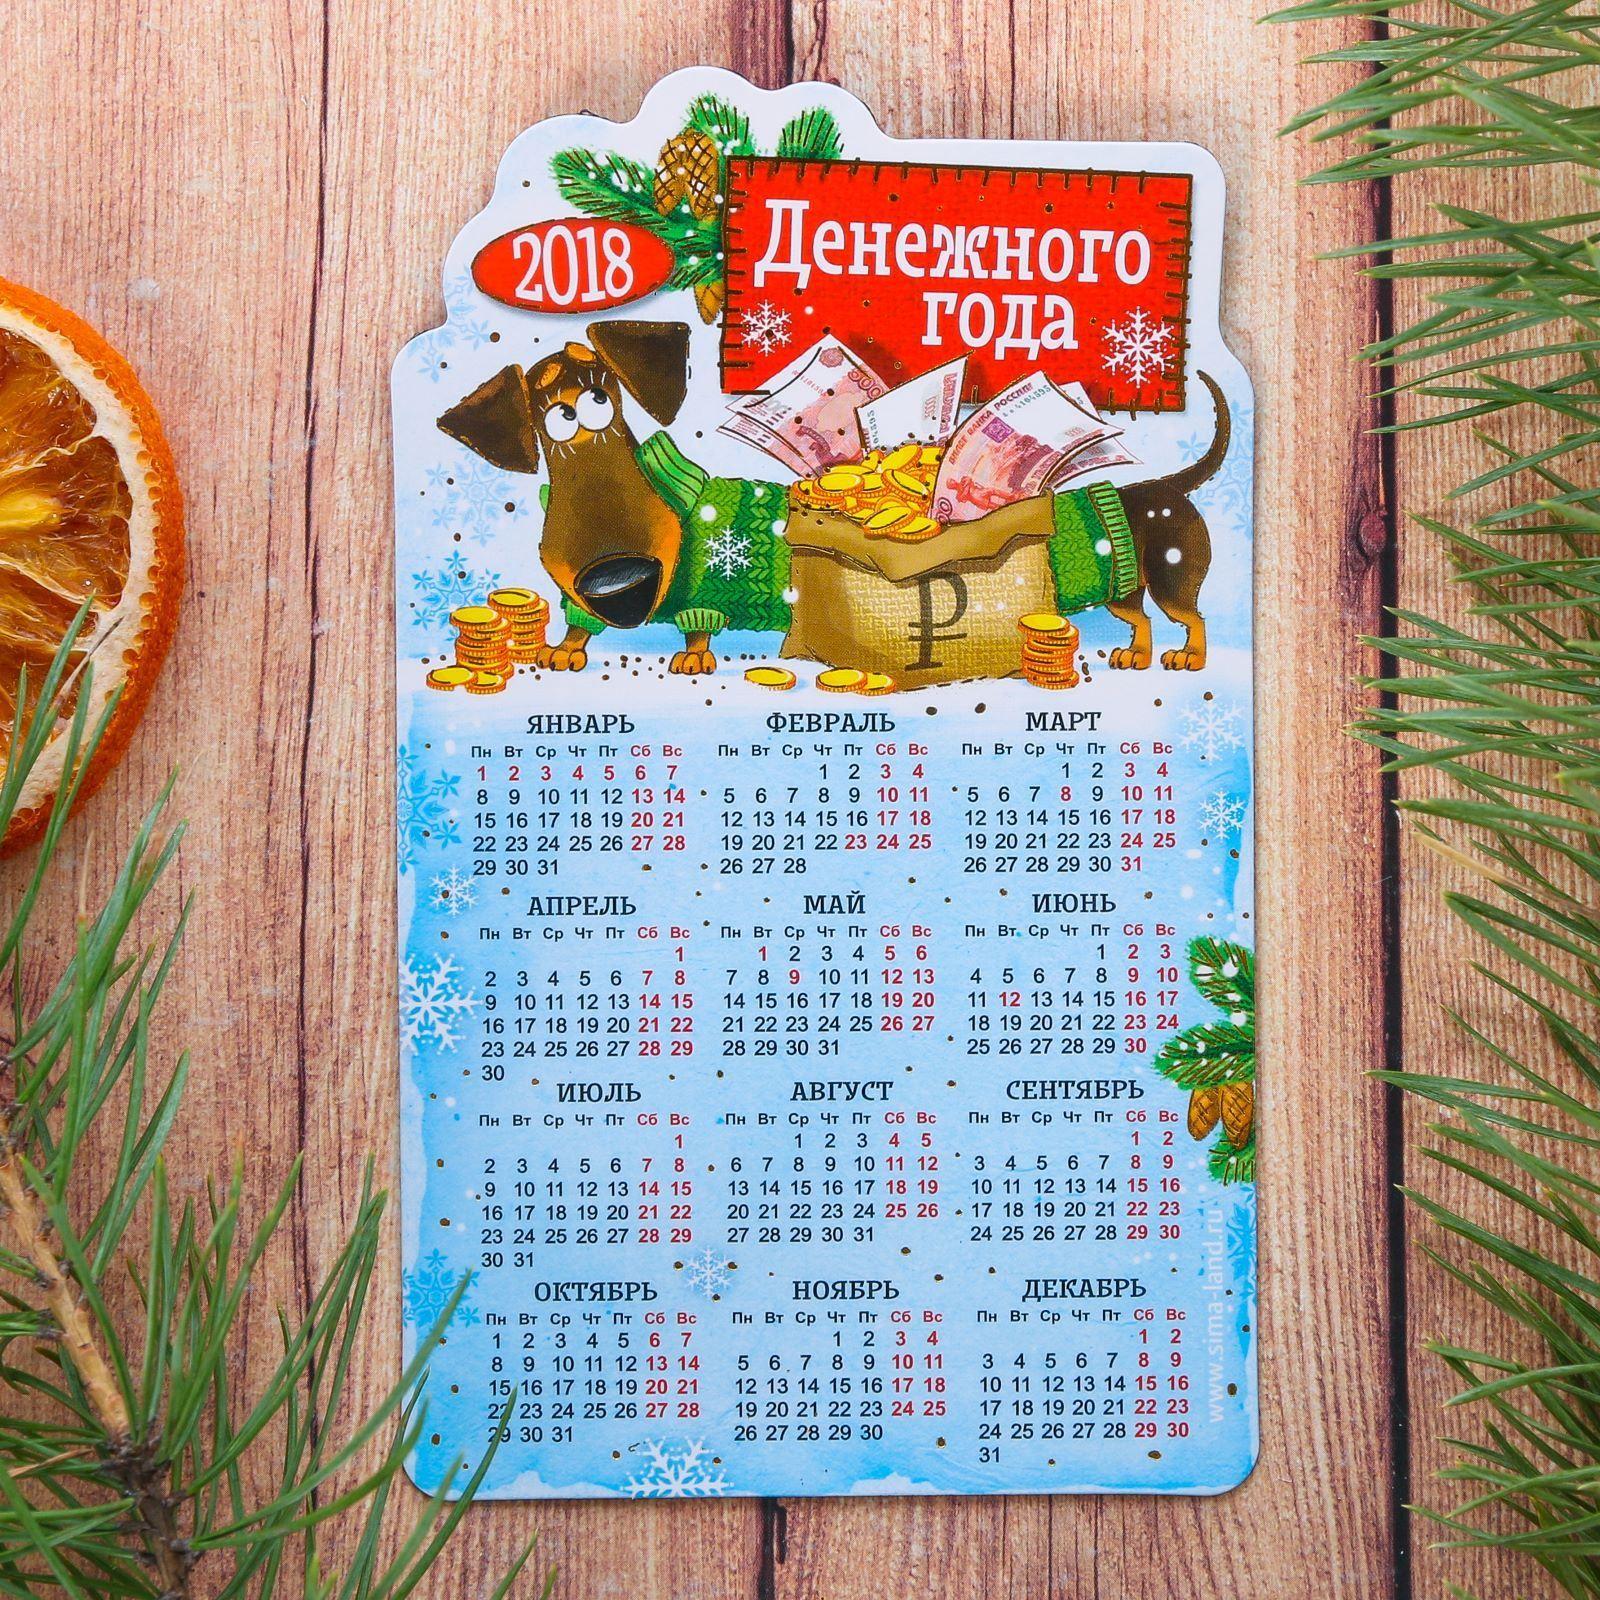 Магнит Sima-land Денежного года, с календарем, 8 х 12 см1894077Порадуйте родных и близких оригинальным сувениром: преподнесите в подарок магнит. С ним даже самый серьёзный человек почувствует себя ребёнком, ожидающим чудо! Создайте праздничное настроение, и оно останется с вами на весь год.